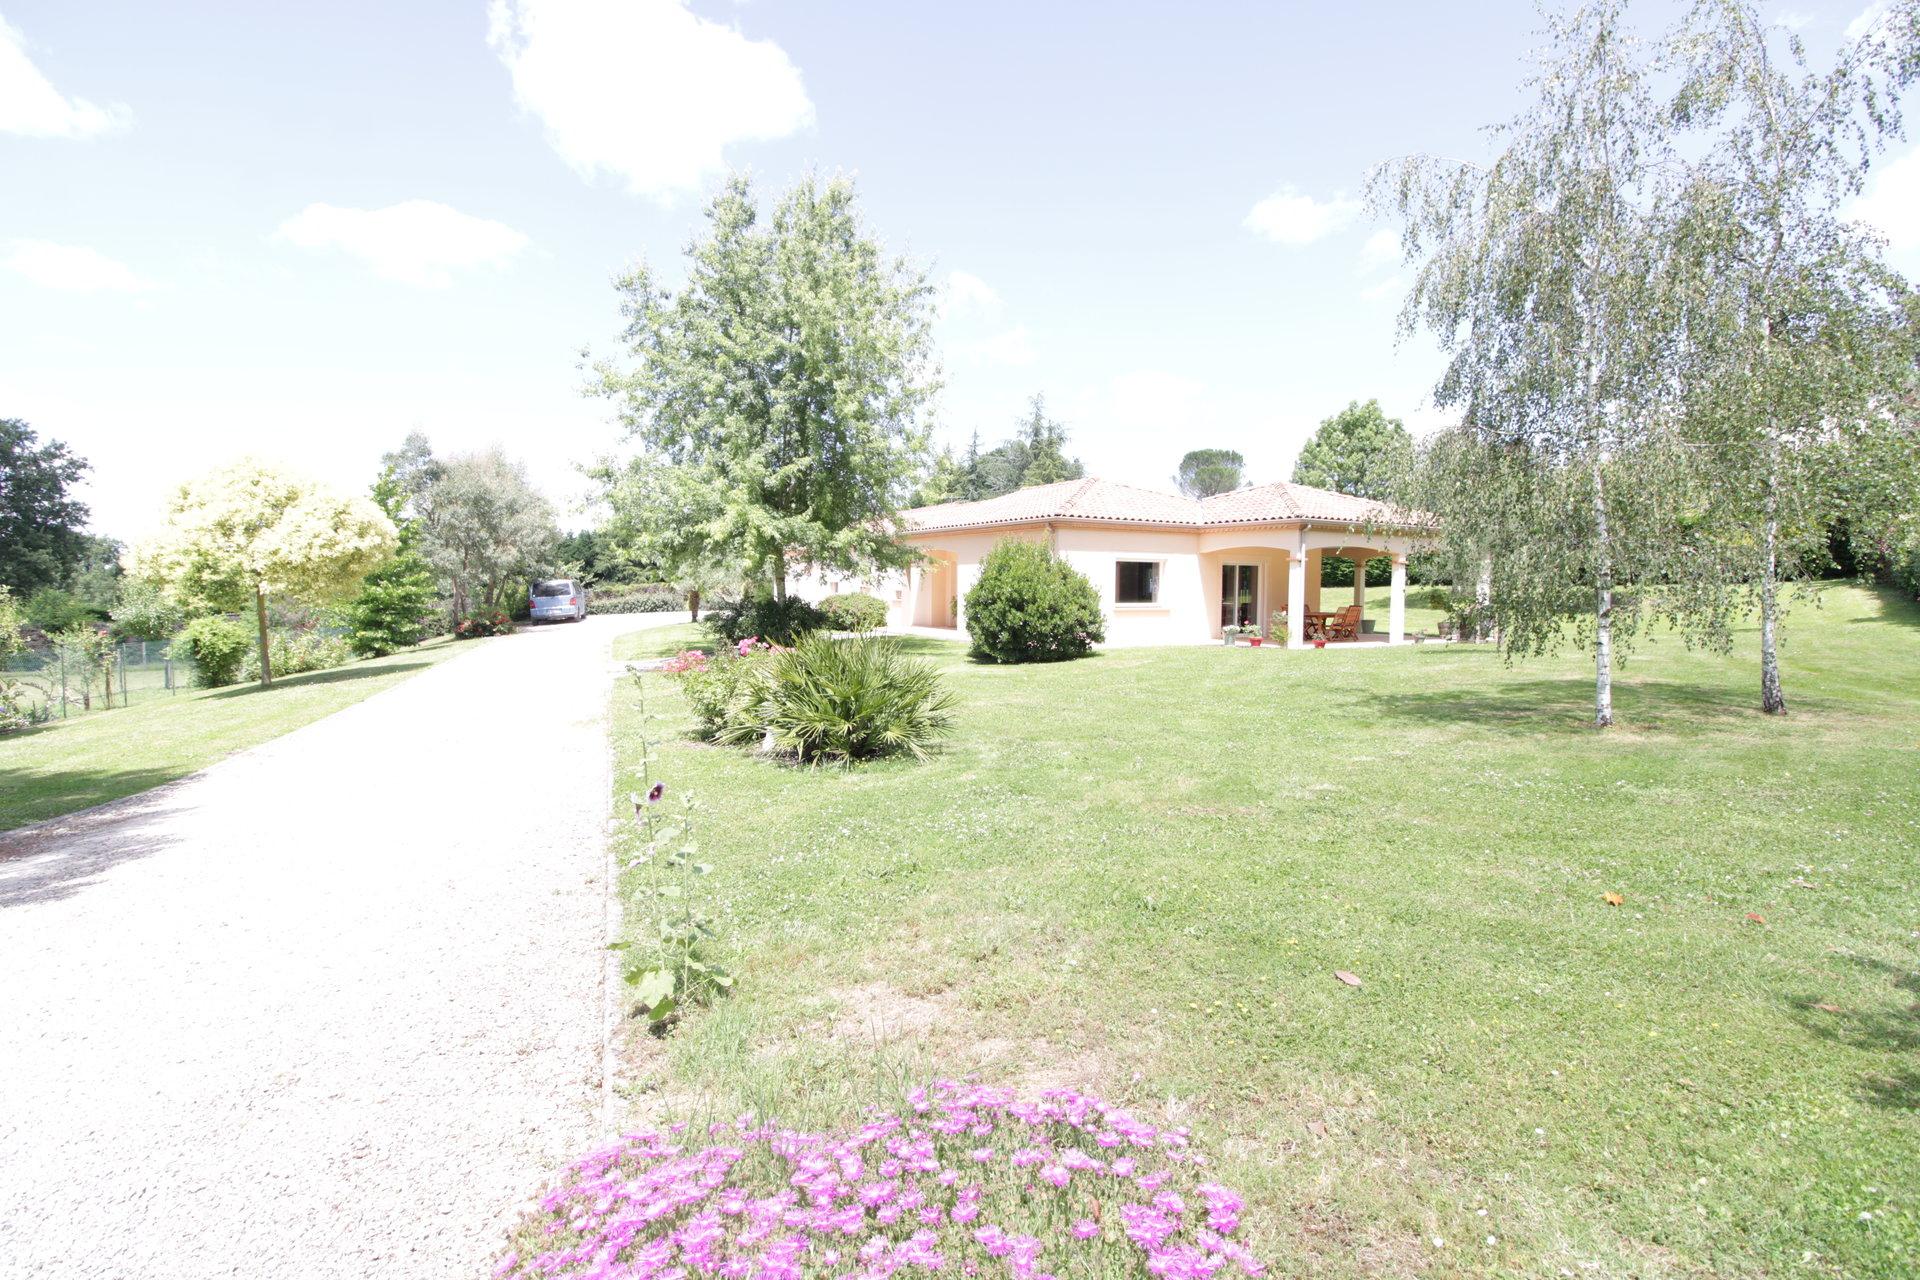 GRAULHET - Magnifique Villa contemporaine T6 sur un parc de 5240m2